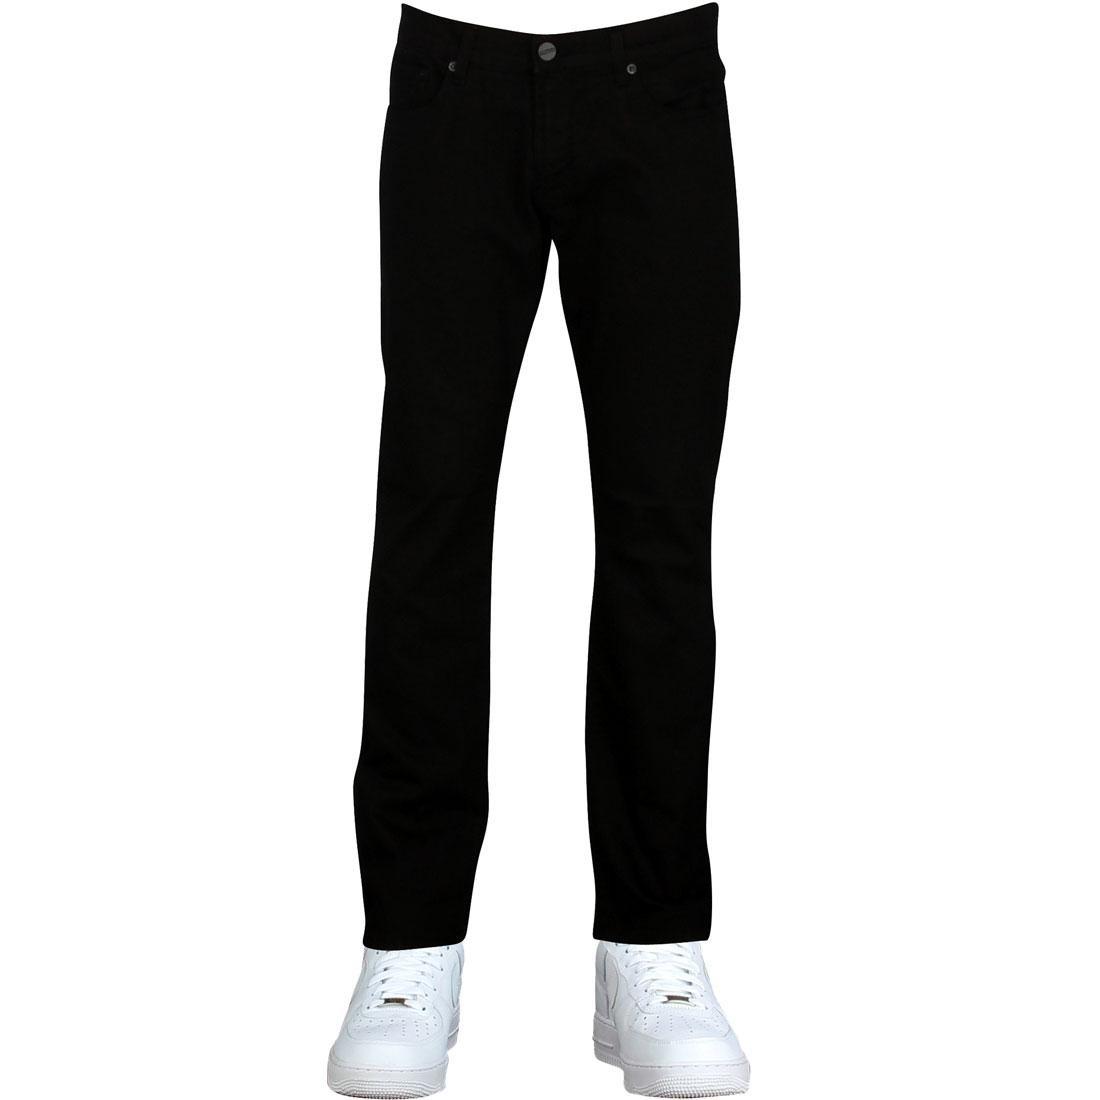 スタンダード メンズファッション ズボン パンツ メンズ 【 Blkwd The Standard Jeans (black) 】 Black